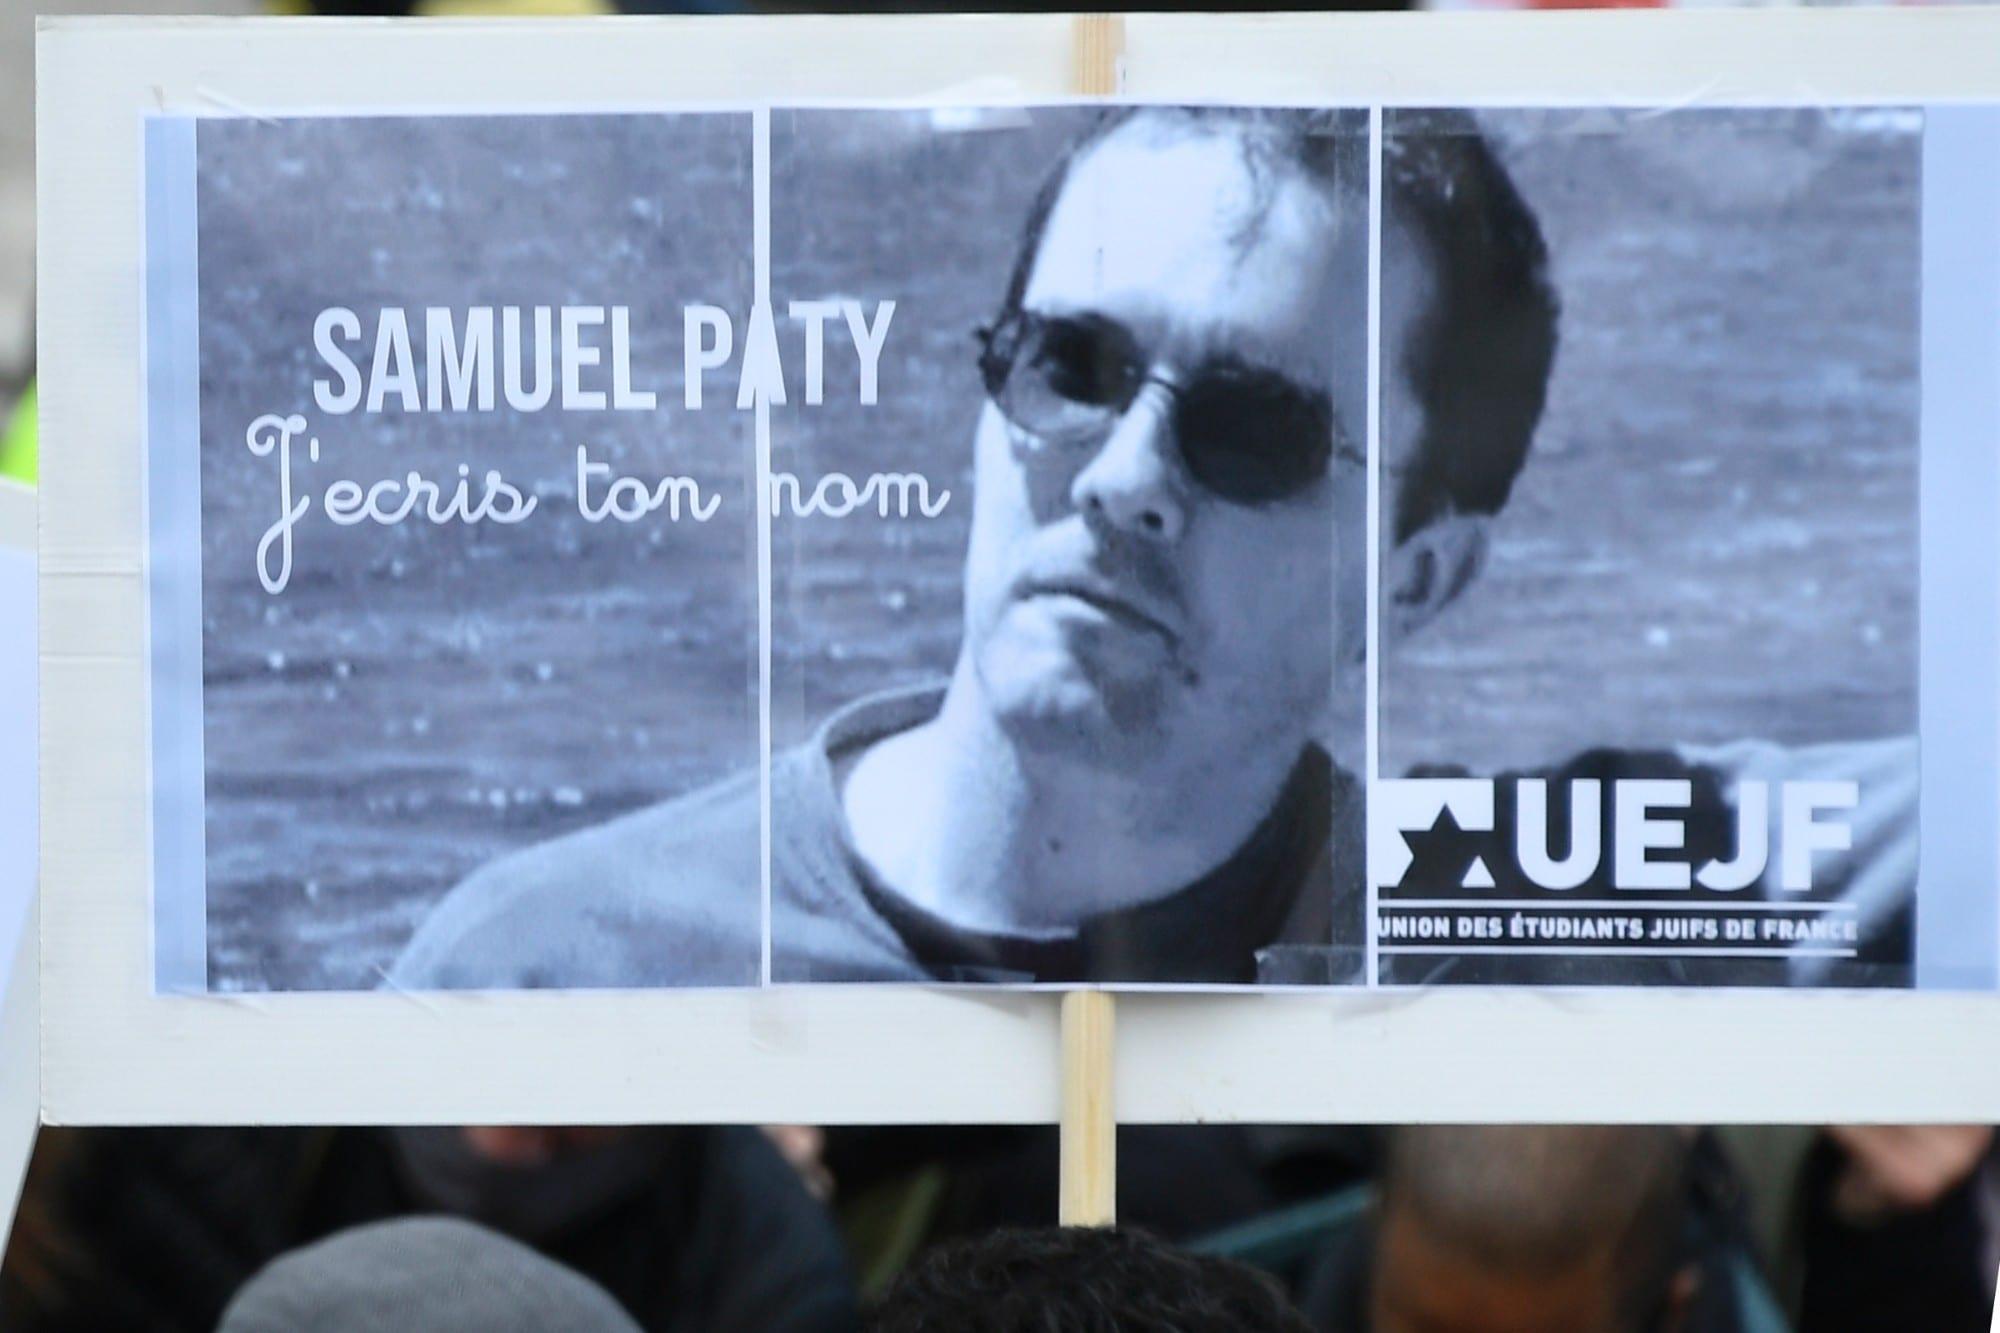 France : une adolescente tient des propos choquants à l'égard de Samuel Party